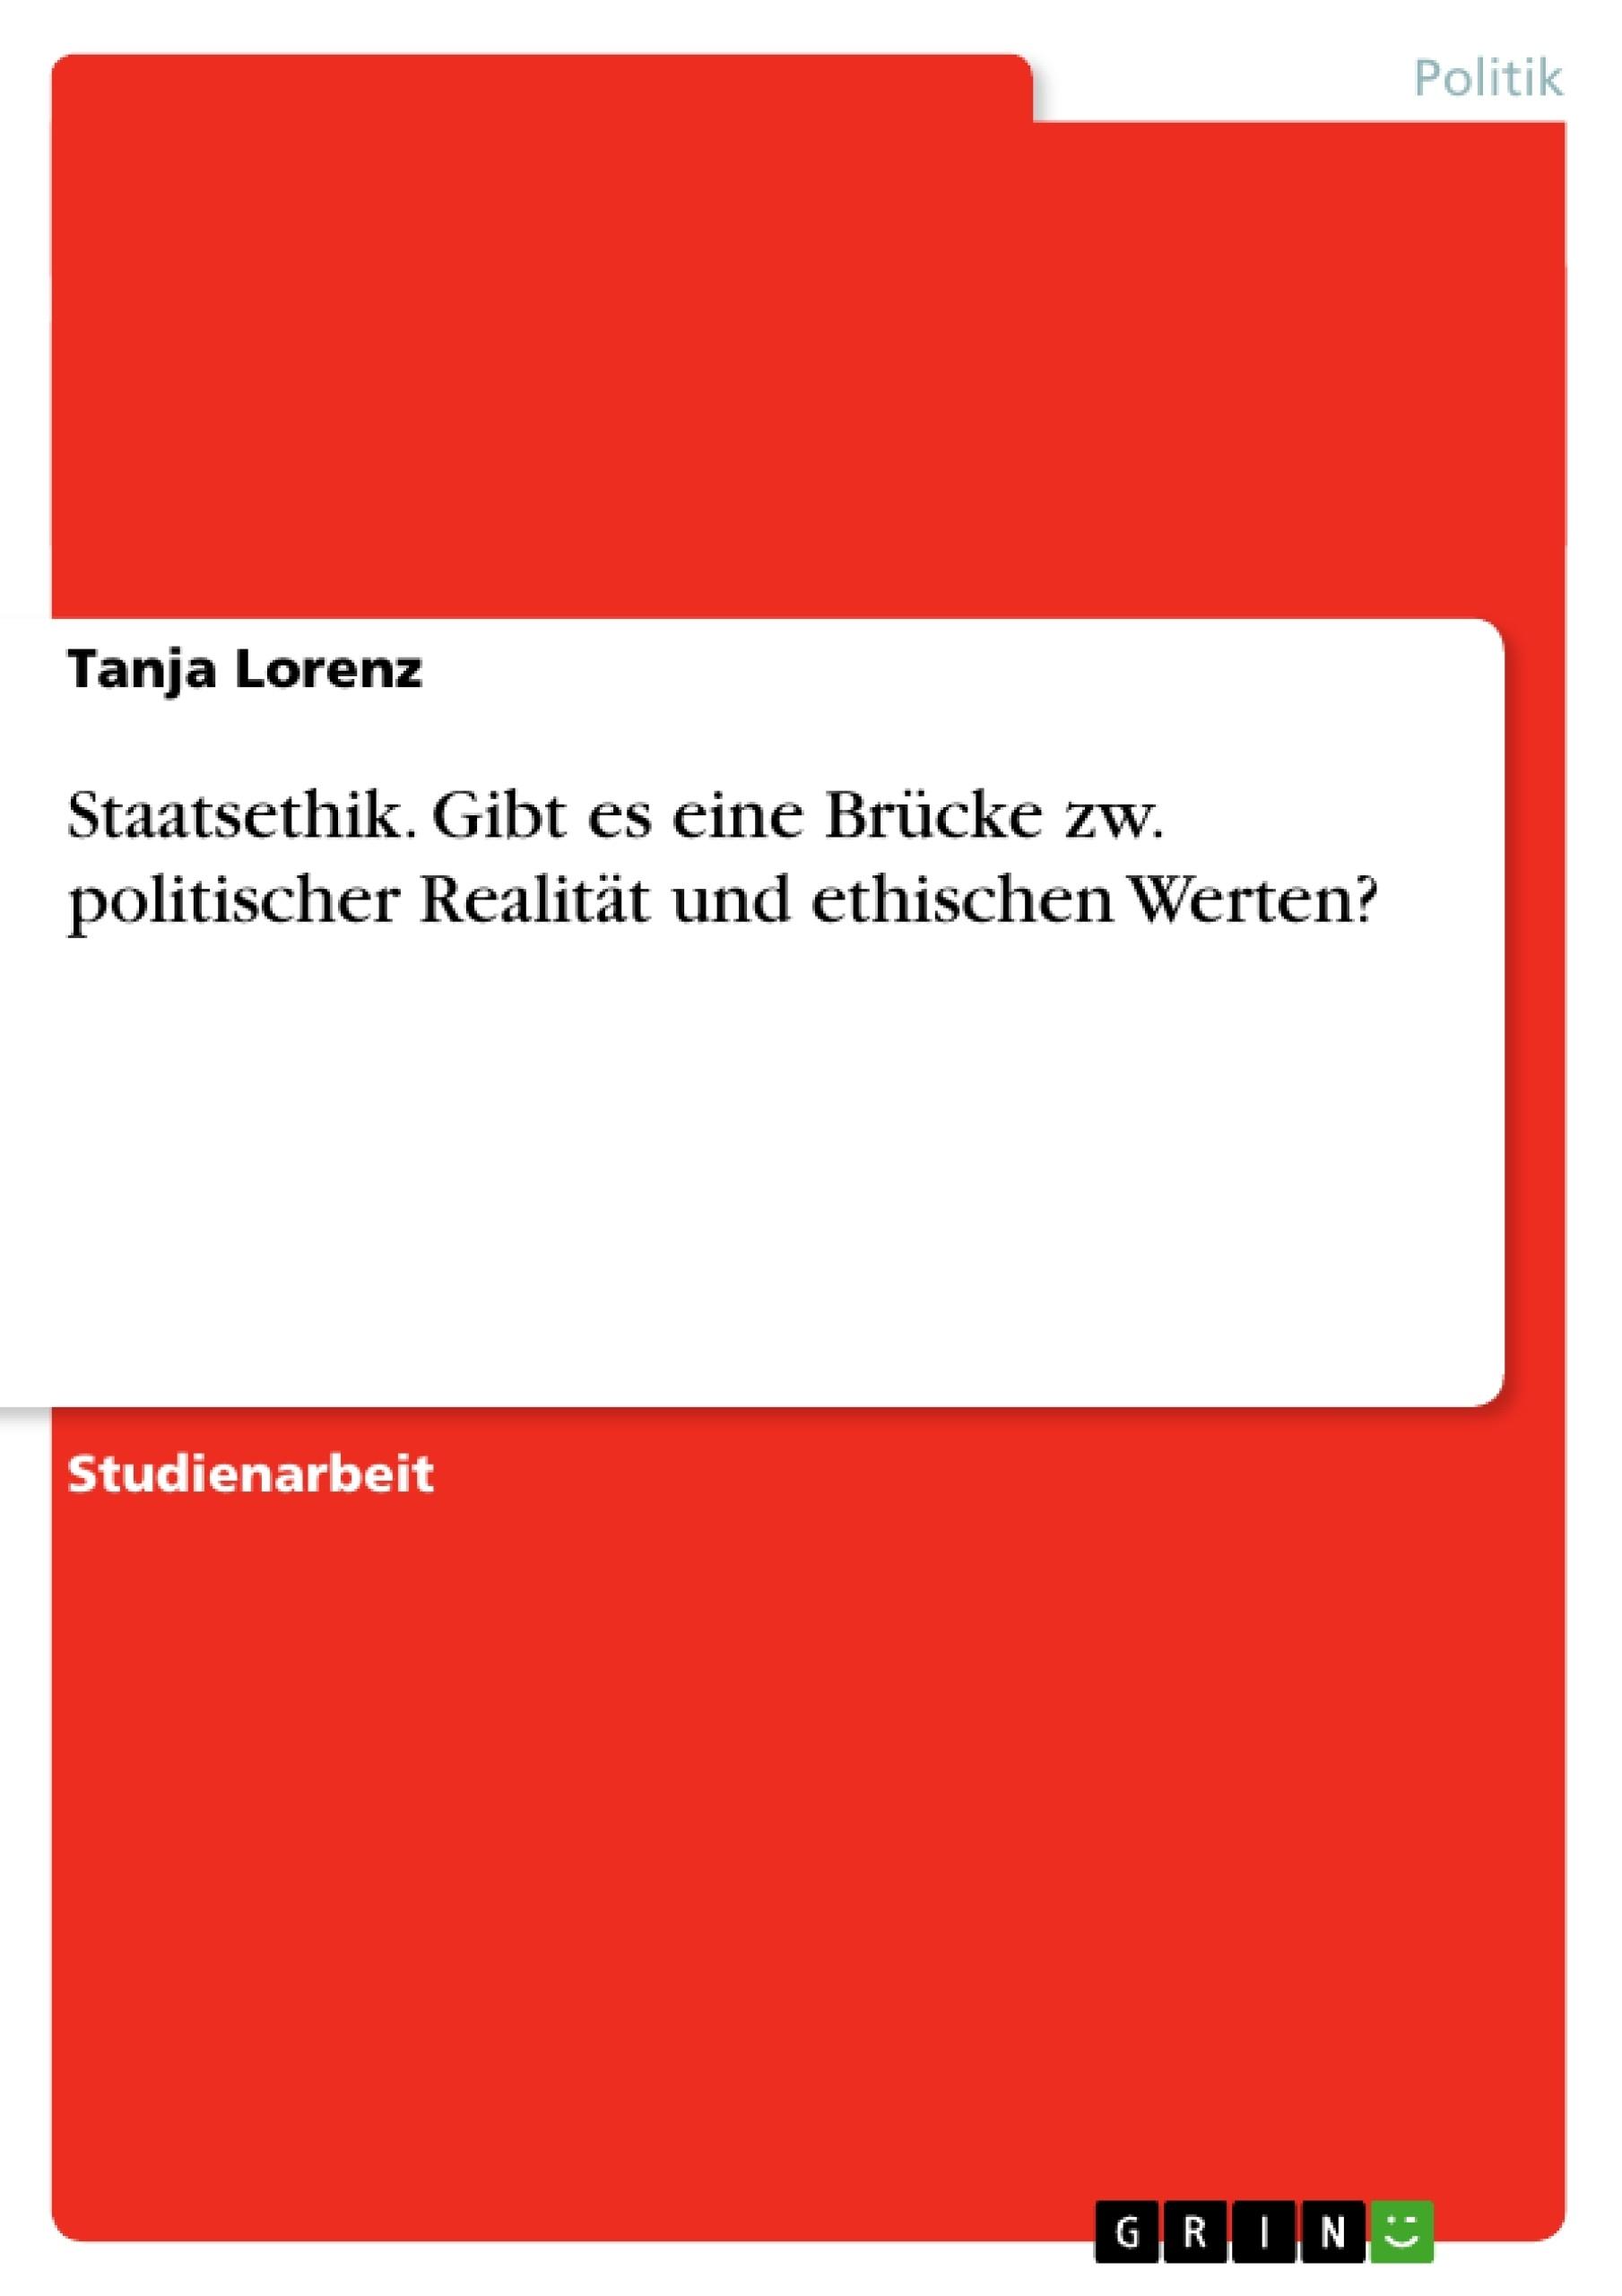 Titel: Staatsethik. Gibt es eine Brücke zw. politischer Realität und ethischen Werten?